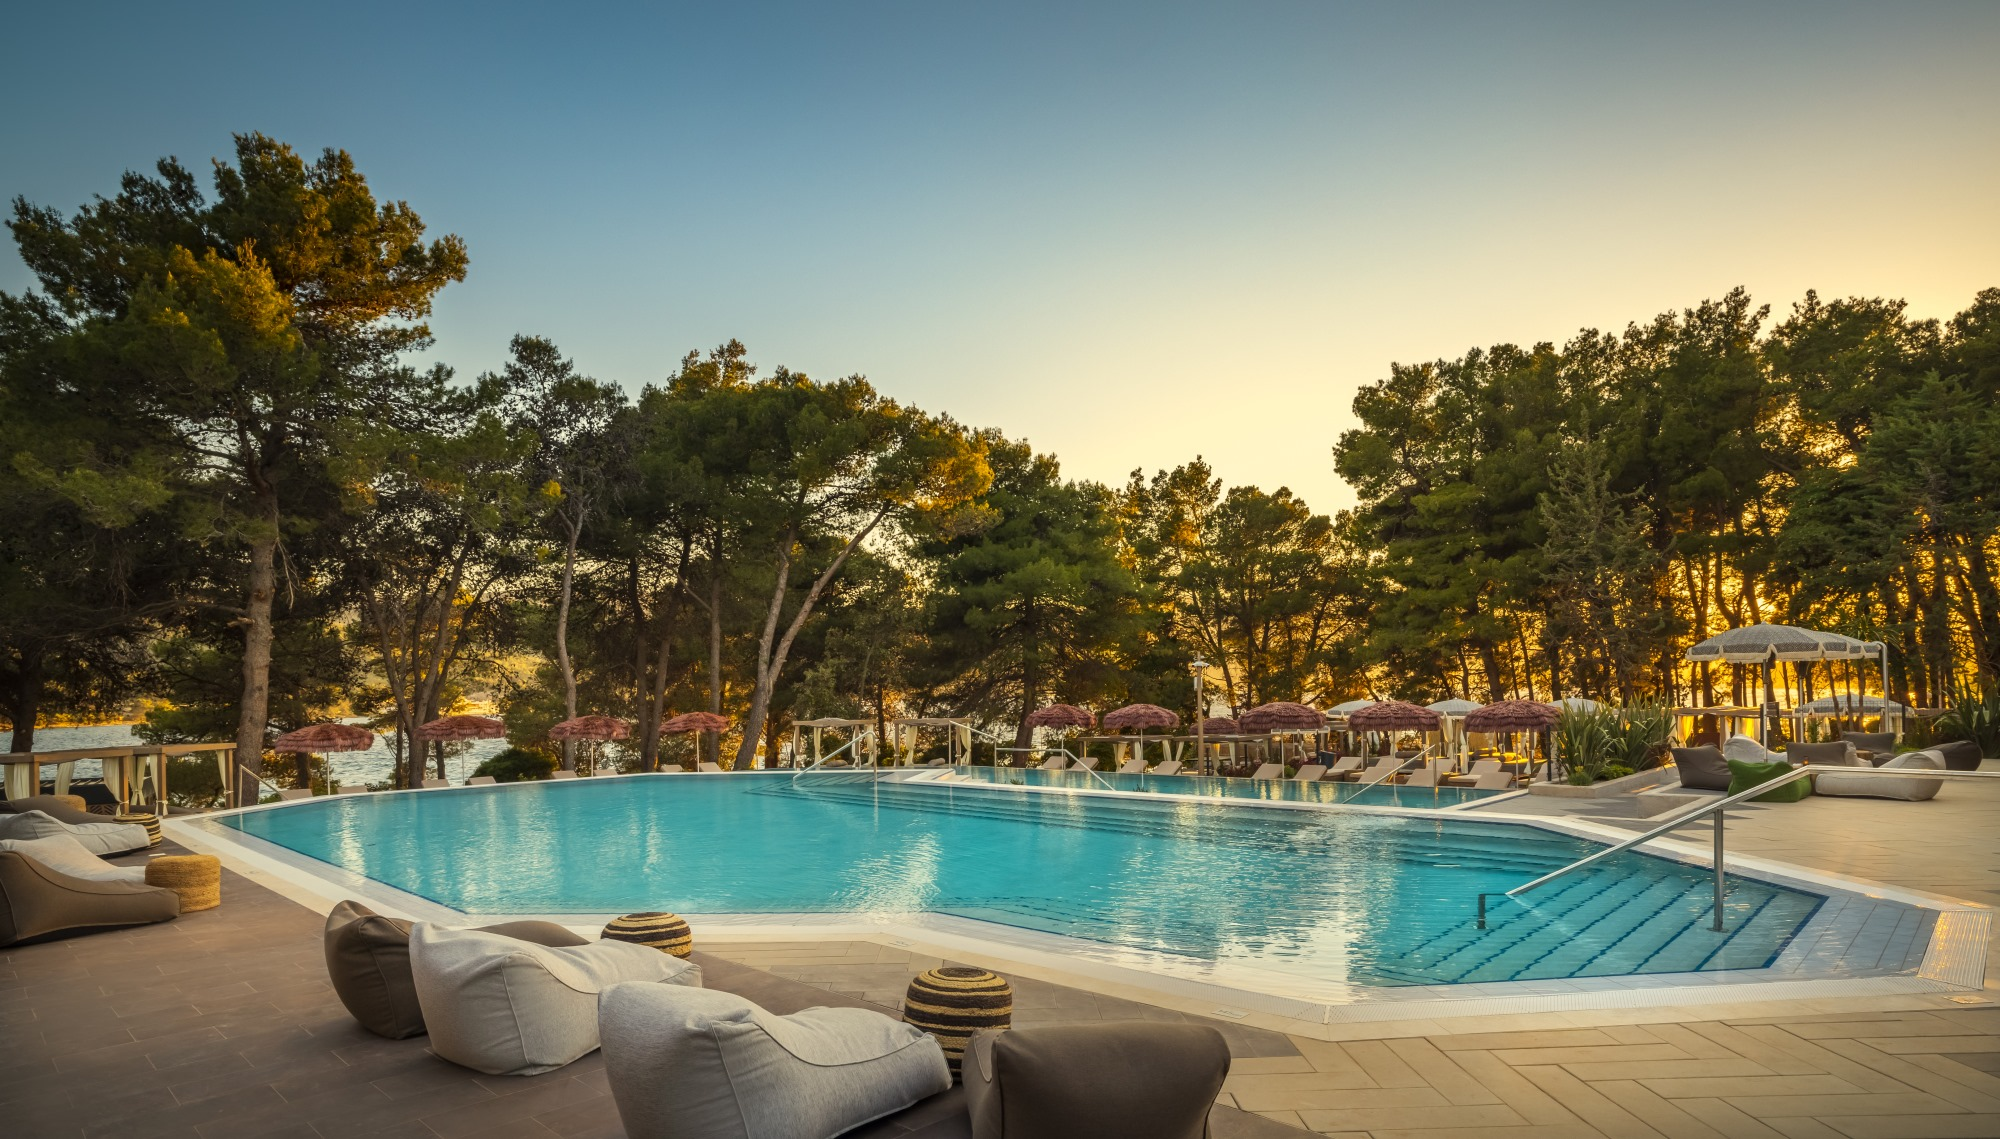 Posjetili smo prvi lifestyle hotel Hrvatskoj namijenjen mladima: Hvar places hotel by Valamar